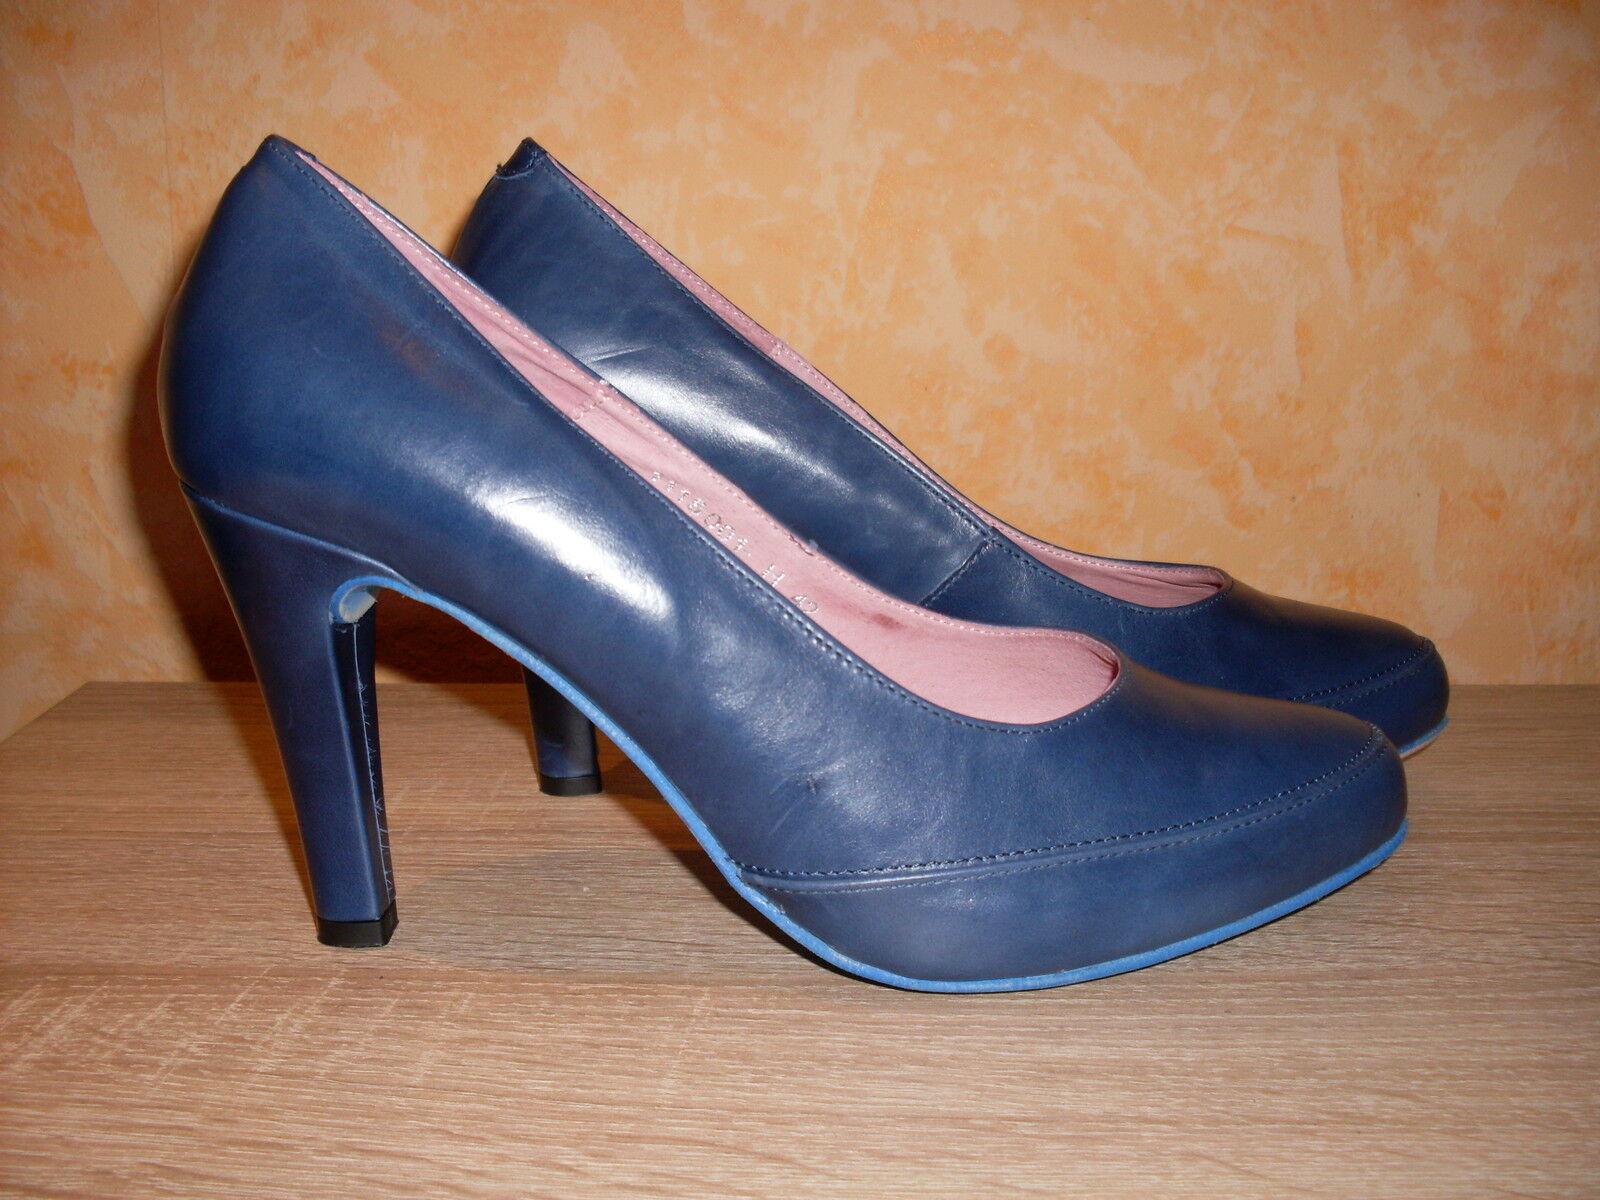 10 cm JJFootWear Sexy versch. High Heel Pumps NEU versch. Sexy Farben & Grössen & Nappaleder bd9793